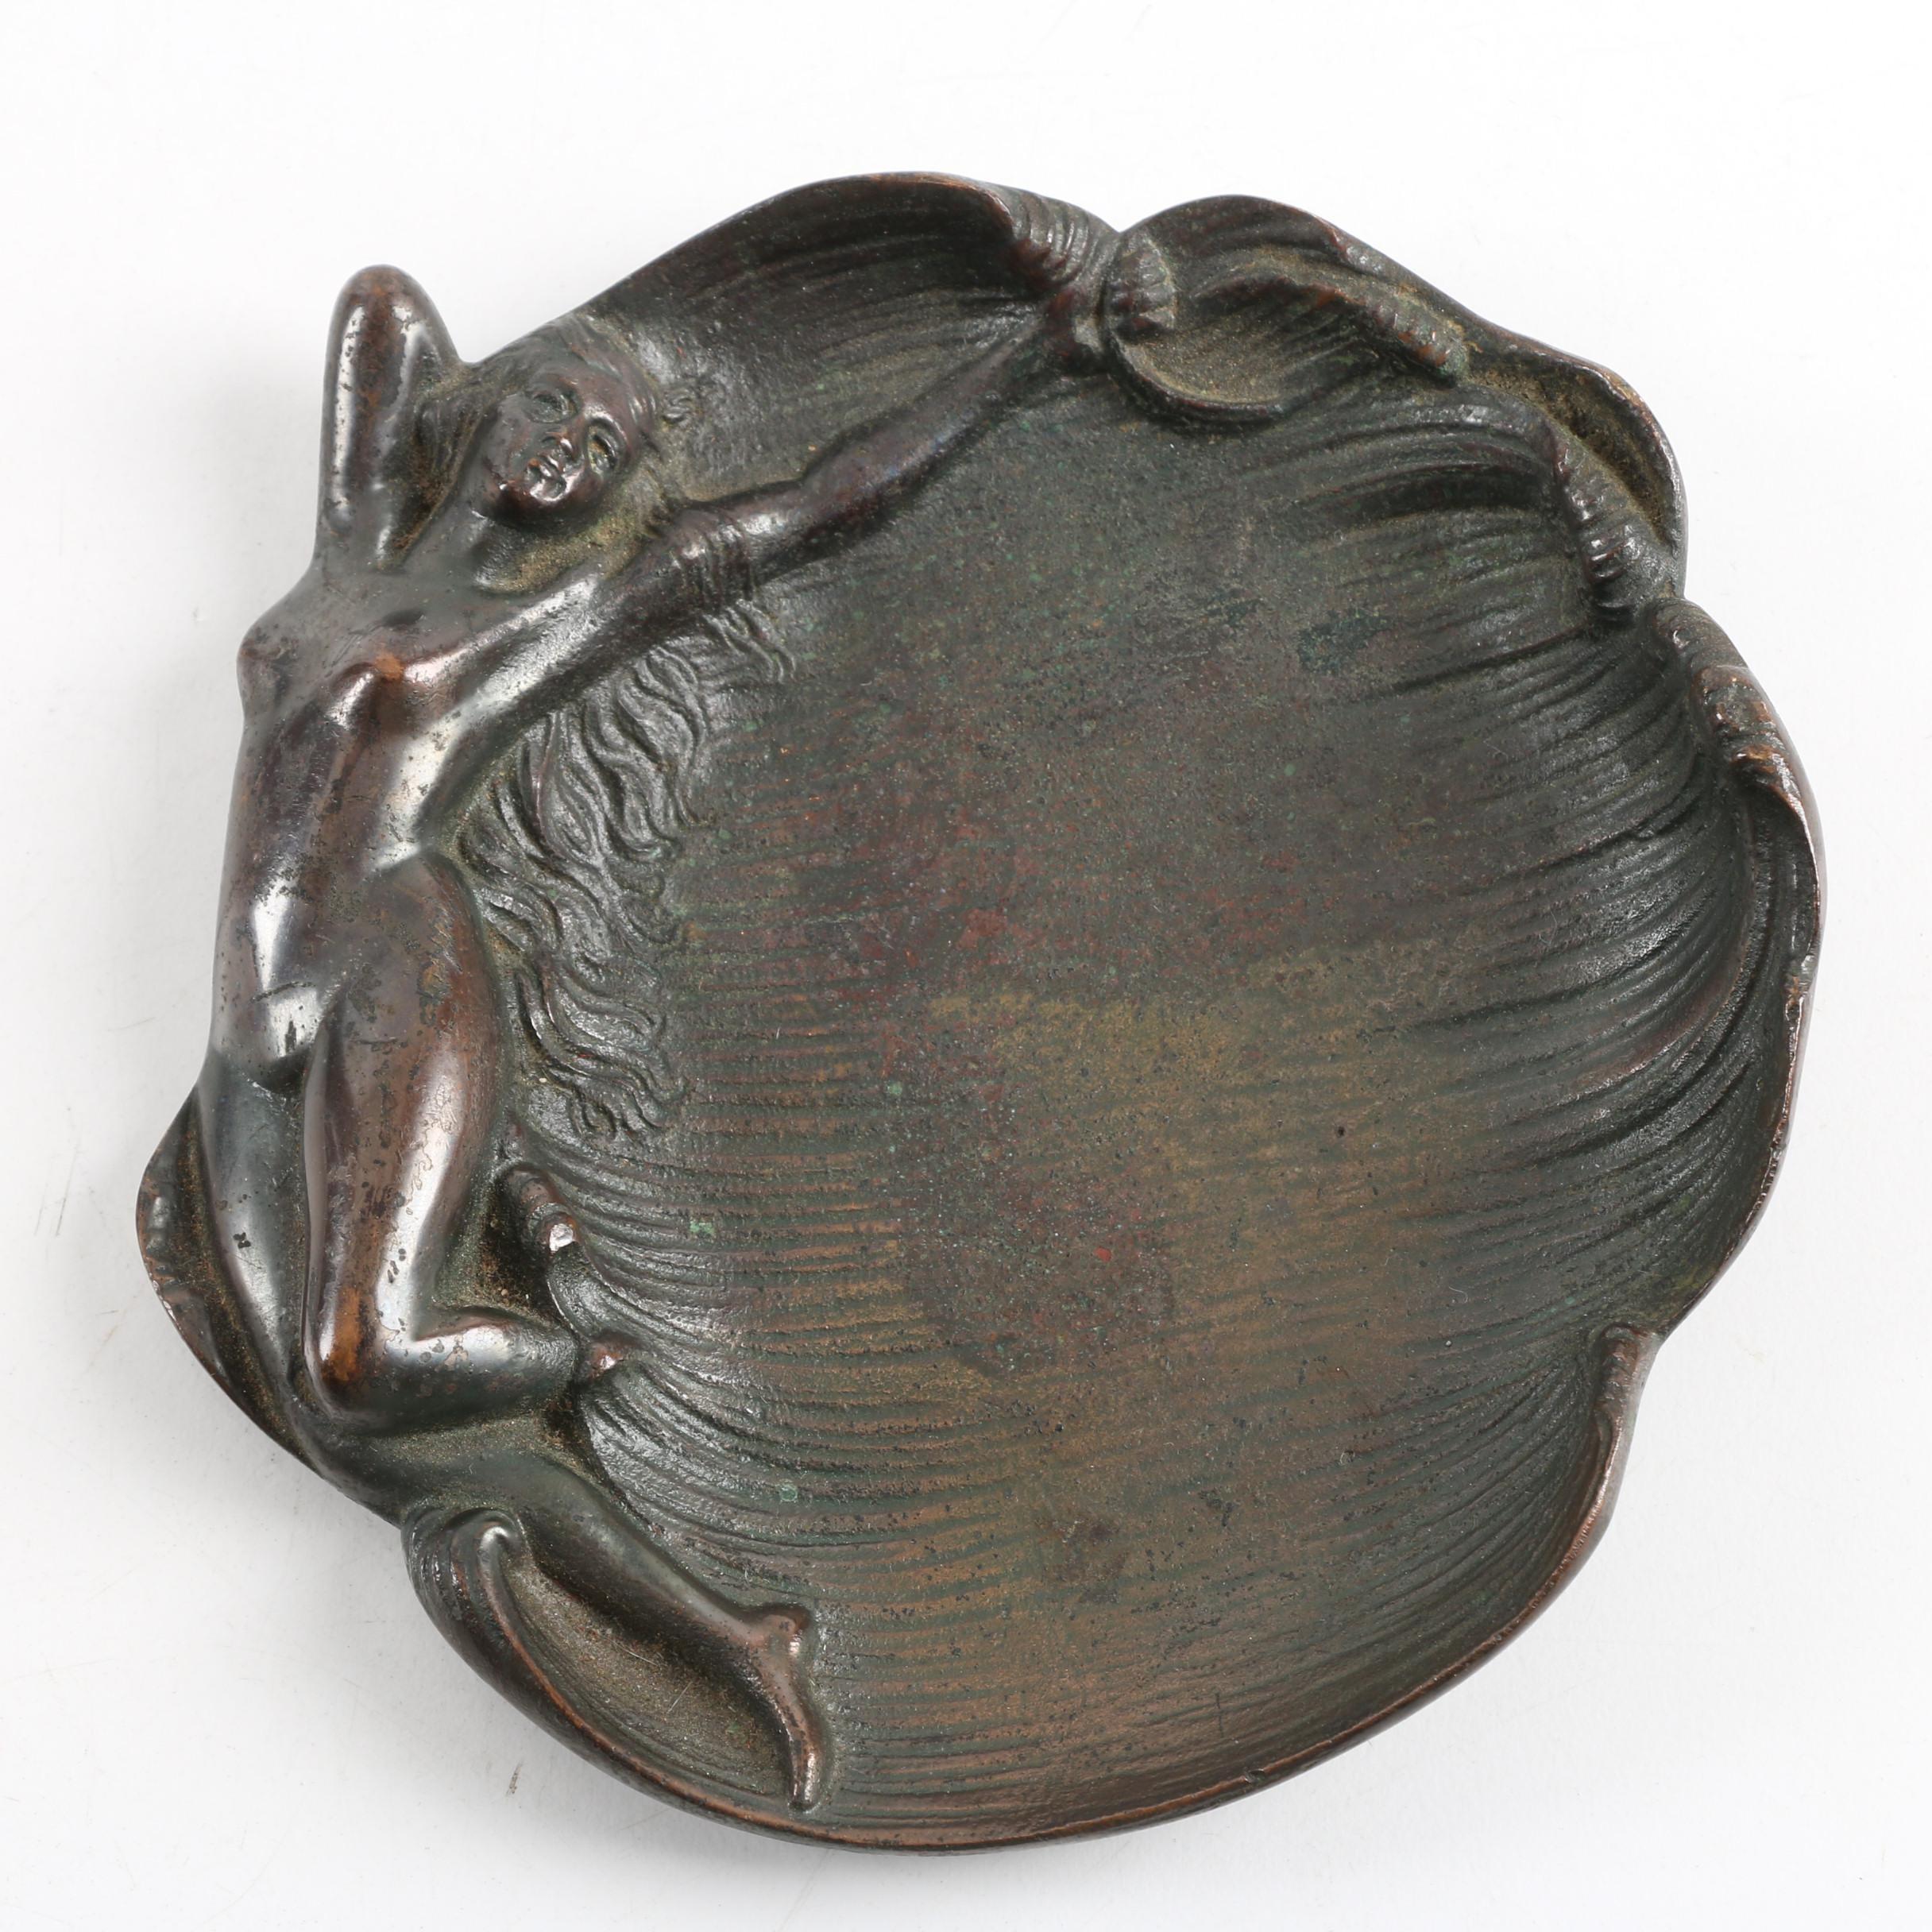 Antique Art Nouveau Bronze Figurative Nude Calling Card Tray